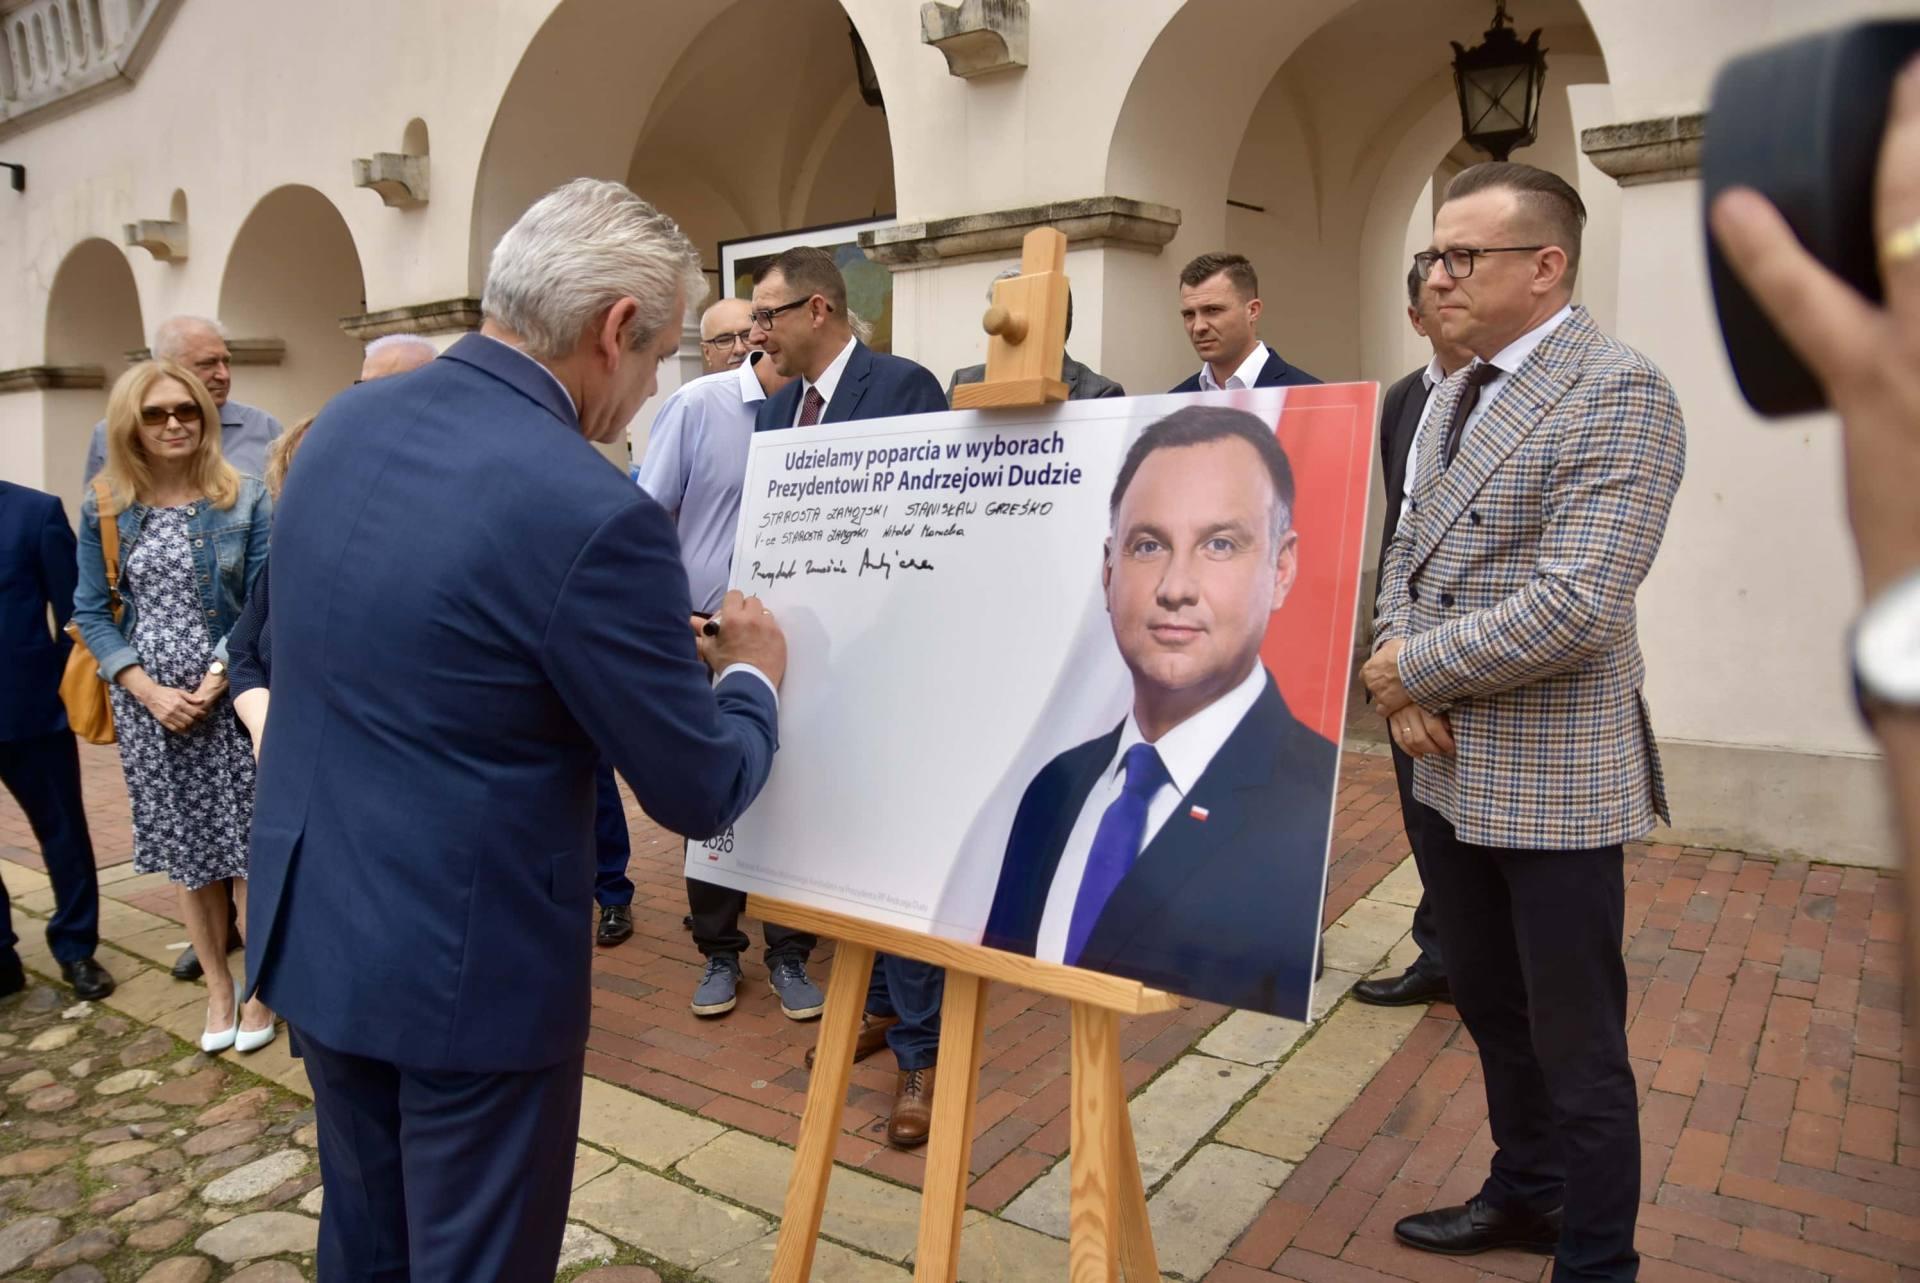 dsc 7778 Zamość: Udzielili poparcia prezydentowi Andrzejowi Dudzie